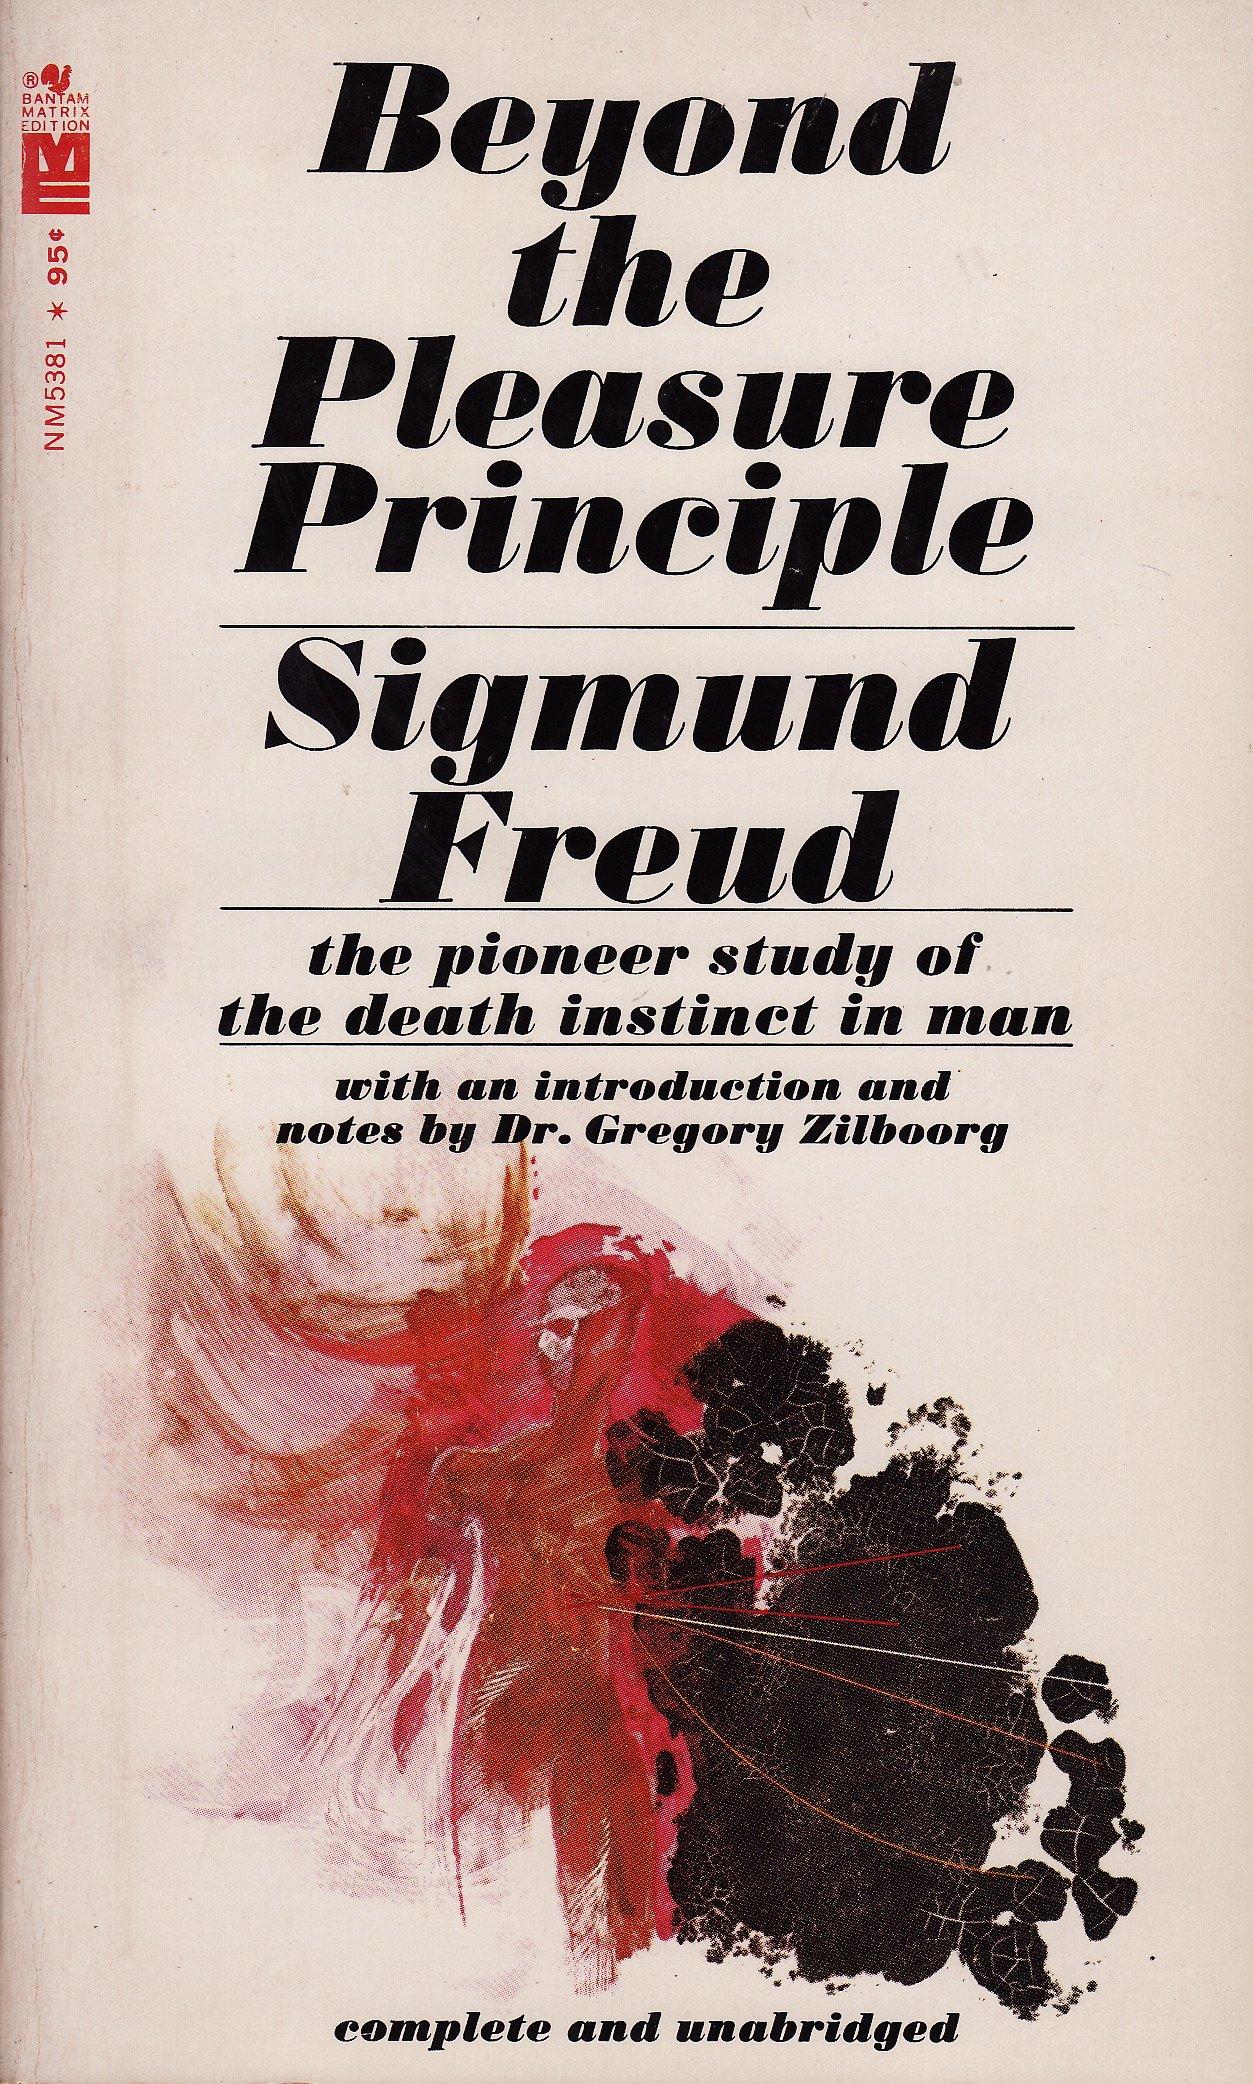 Book reviews on sigmund freuds beyond the pleasure principle galleries 195